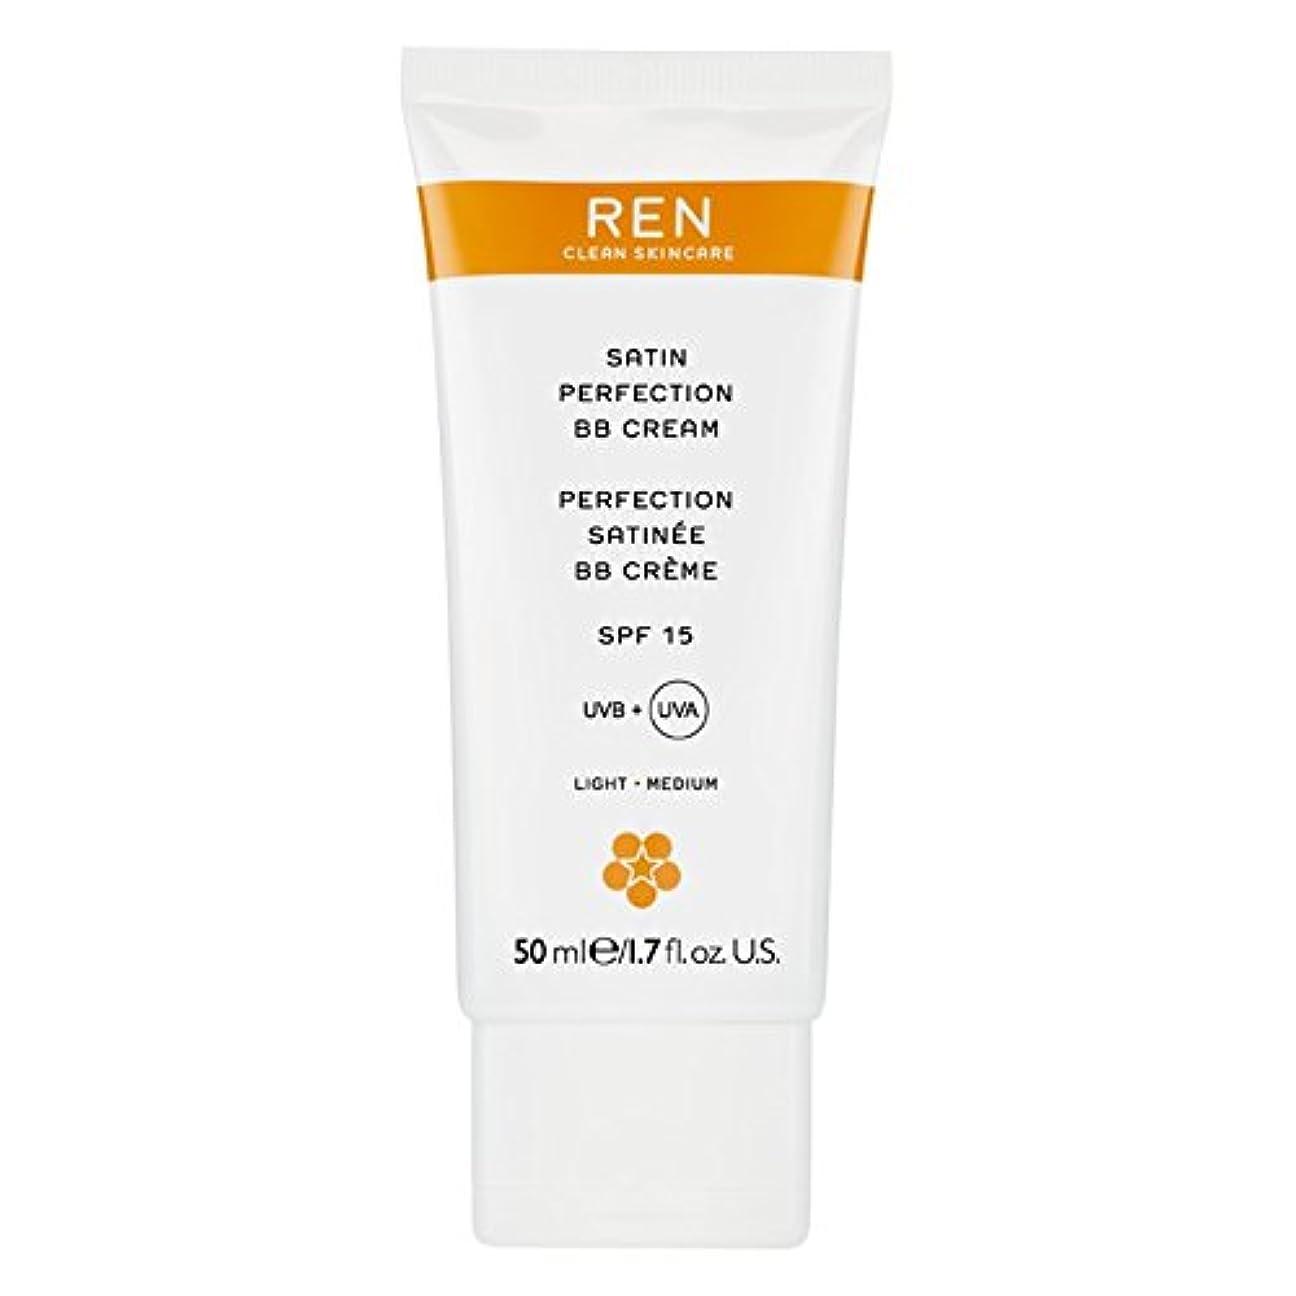 要求想定最悪Renサテン完璧Bbクリーム50ミリリットル (REN) (x2) - REN Satin Perfection BB Cream 50ml (Pack of 2) [並行輸入品]